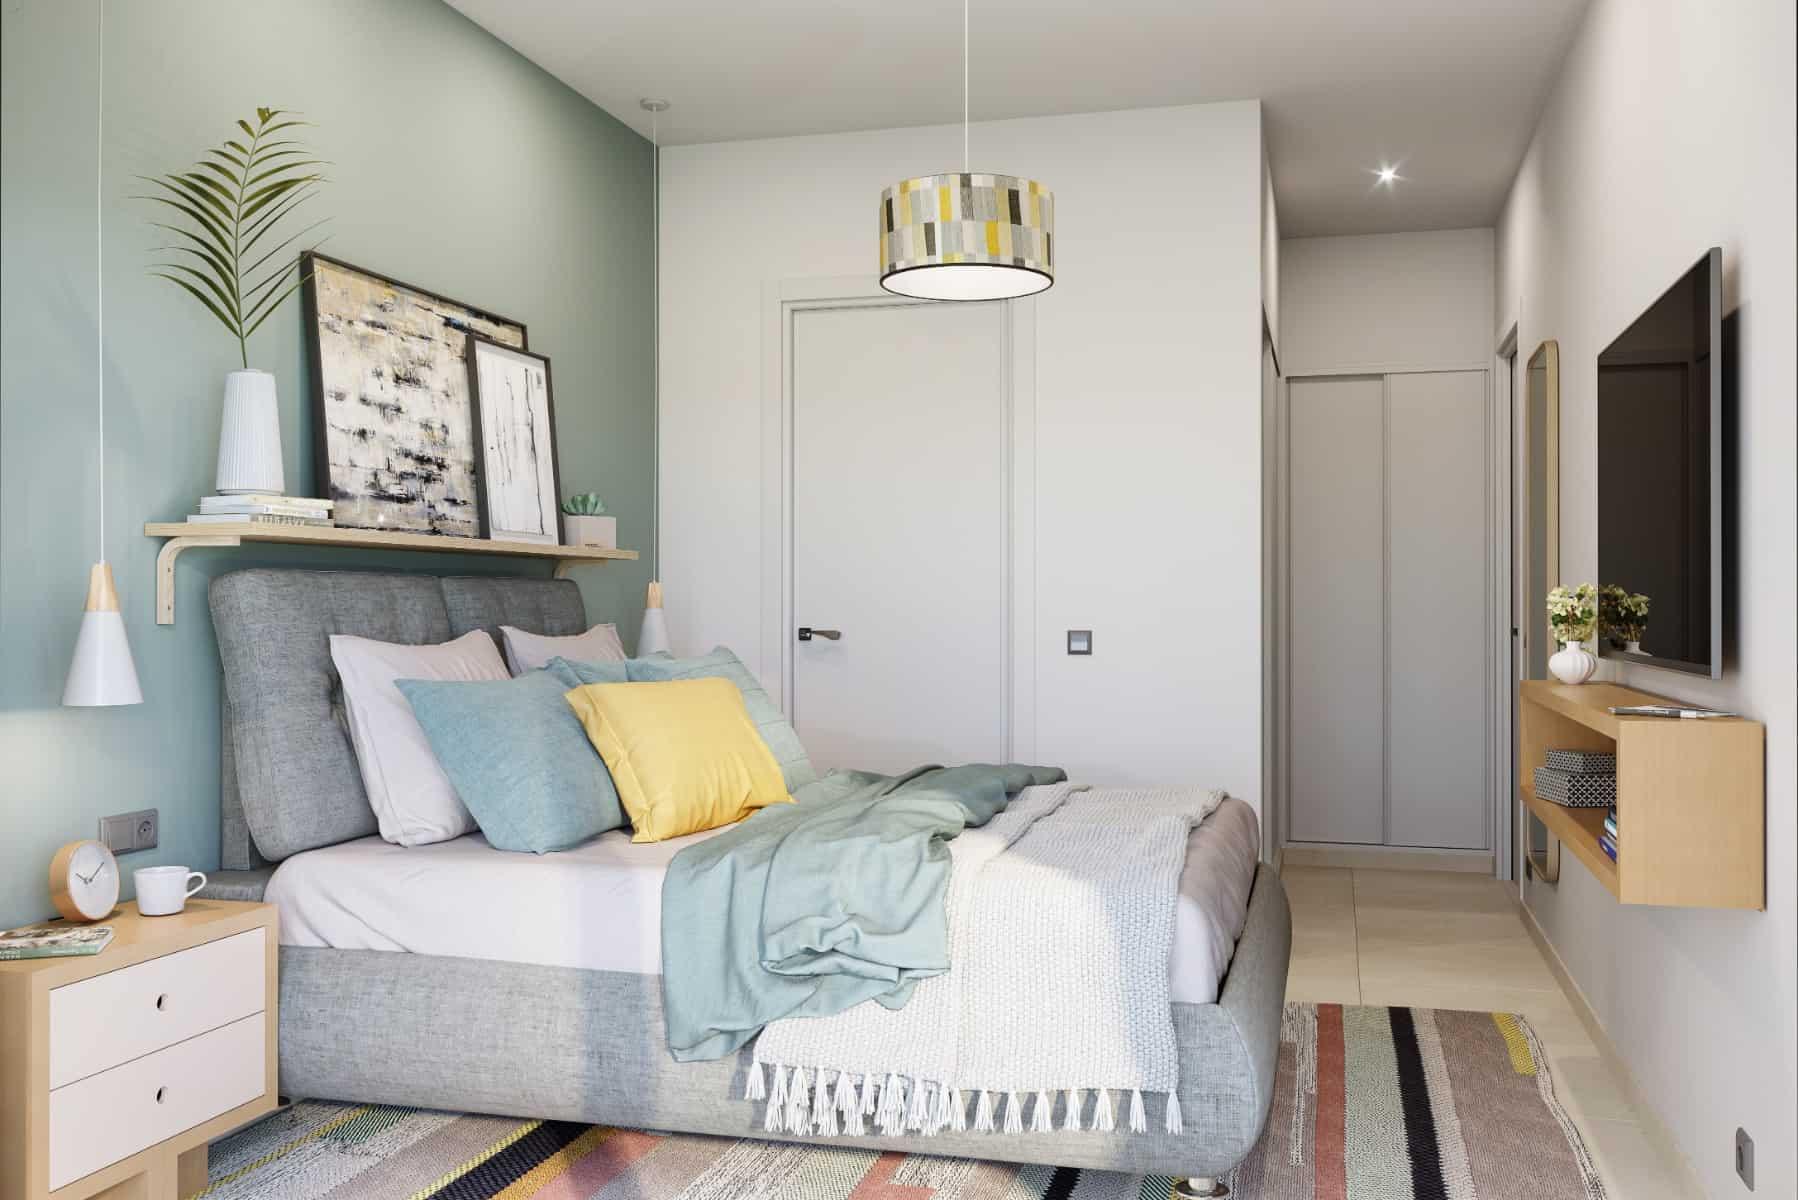 Nieuwbouw Appartement Te koop in Alhama de Murcia in Spanje, gelegen aan de Costa Cálida